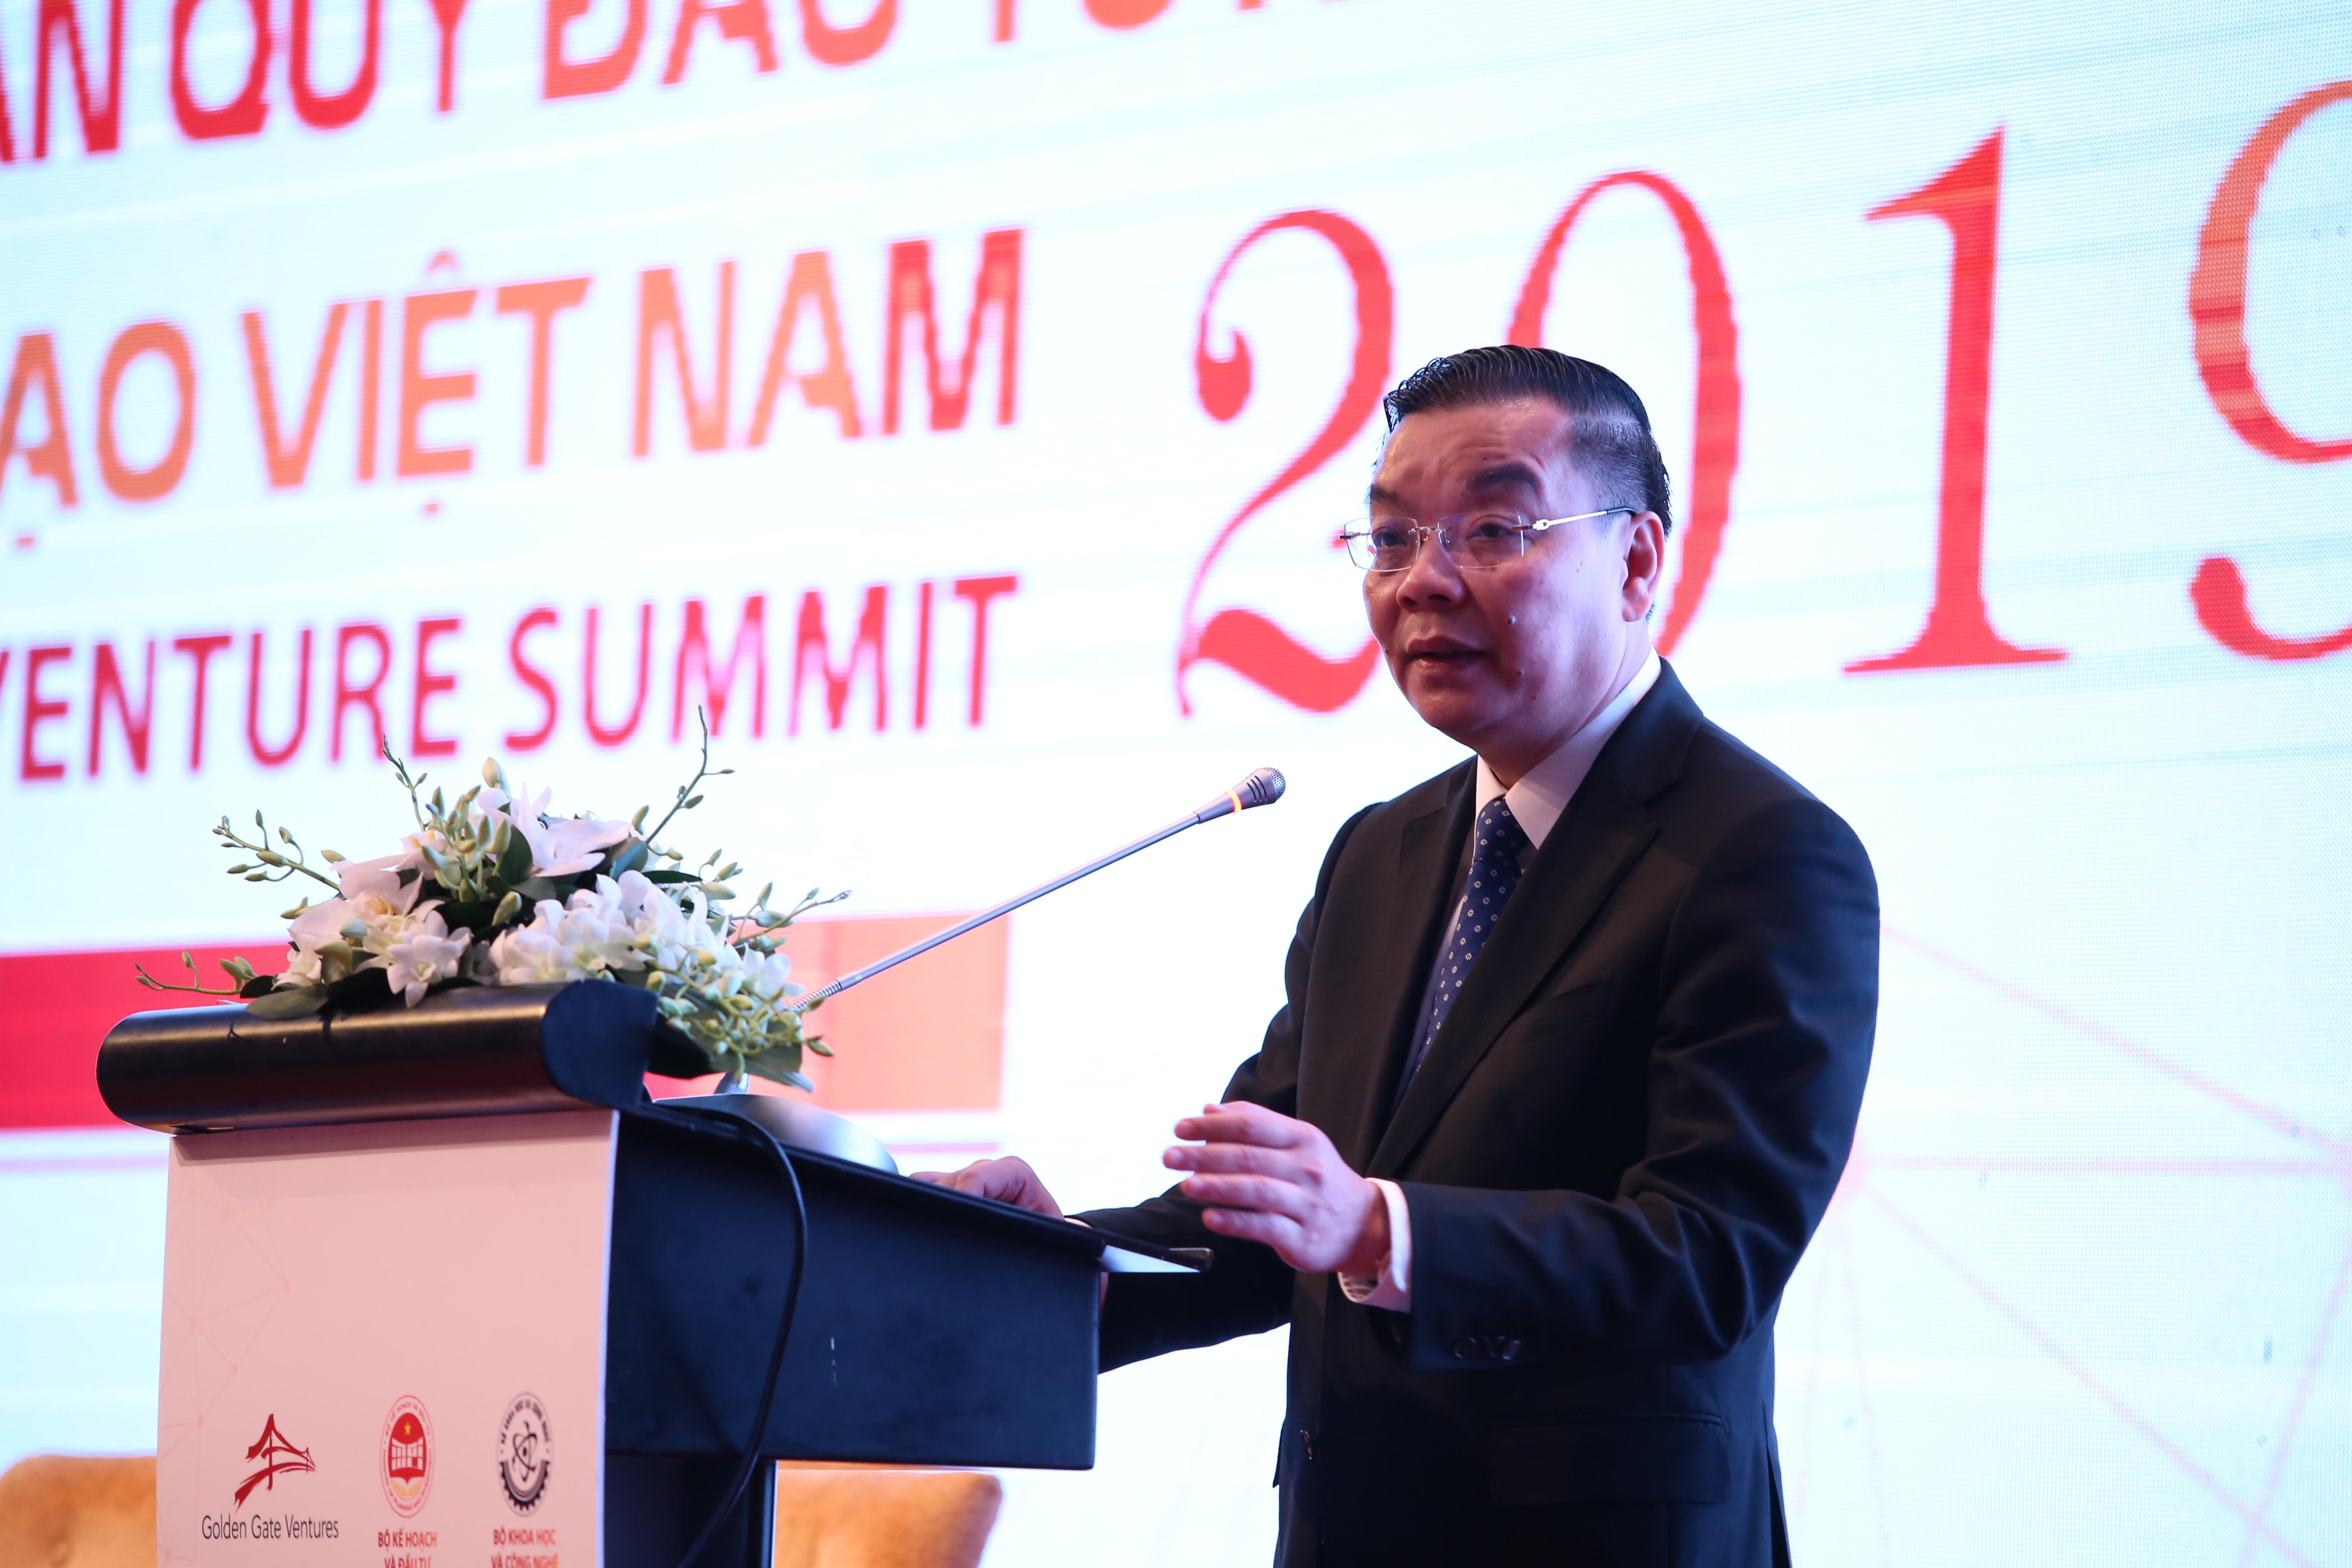 Bộ trưởng Bộ Khoa học và Công nghệ Chu Ngọc Anh tóm tắt về việc phát triển hệ sinh thái khởi nghiệp của Việt Nam. Ảnh: Ngô Hà/KHPT